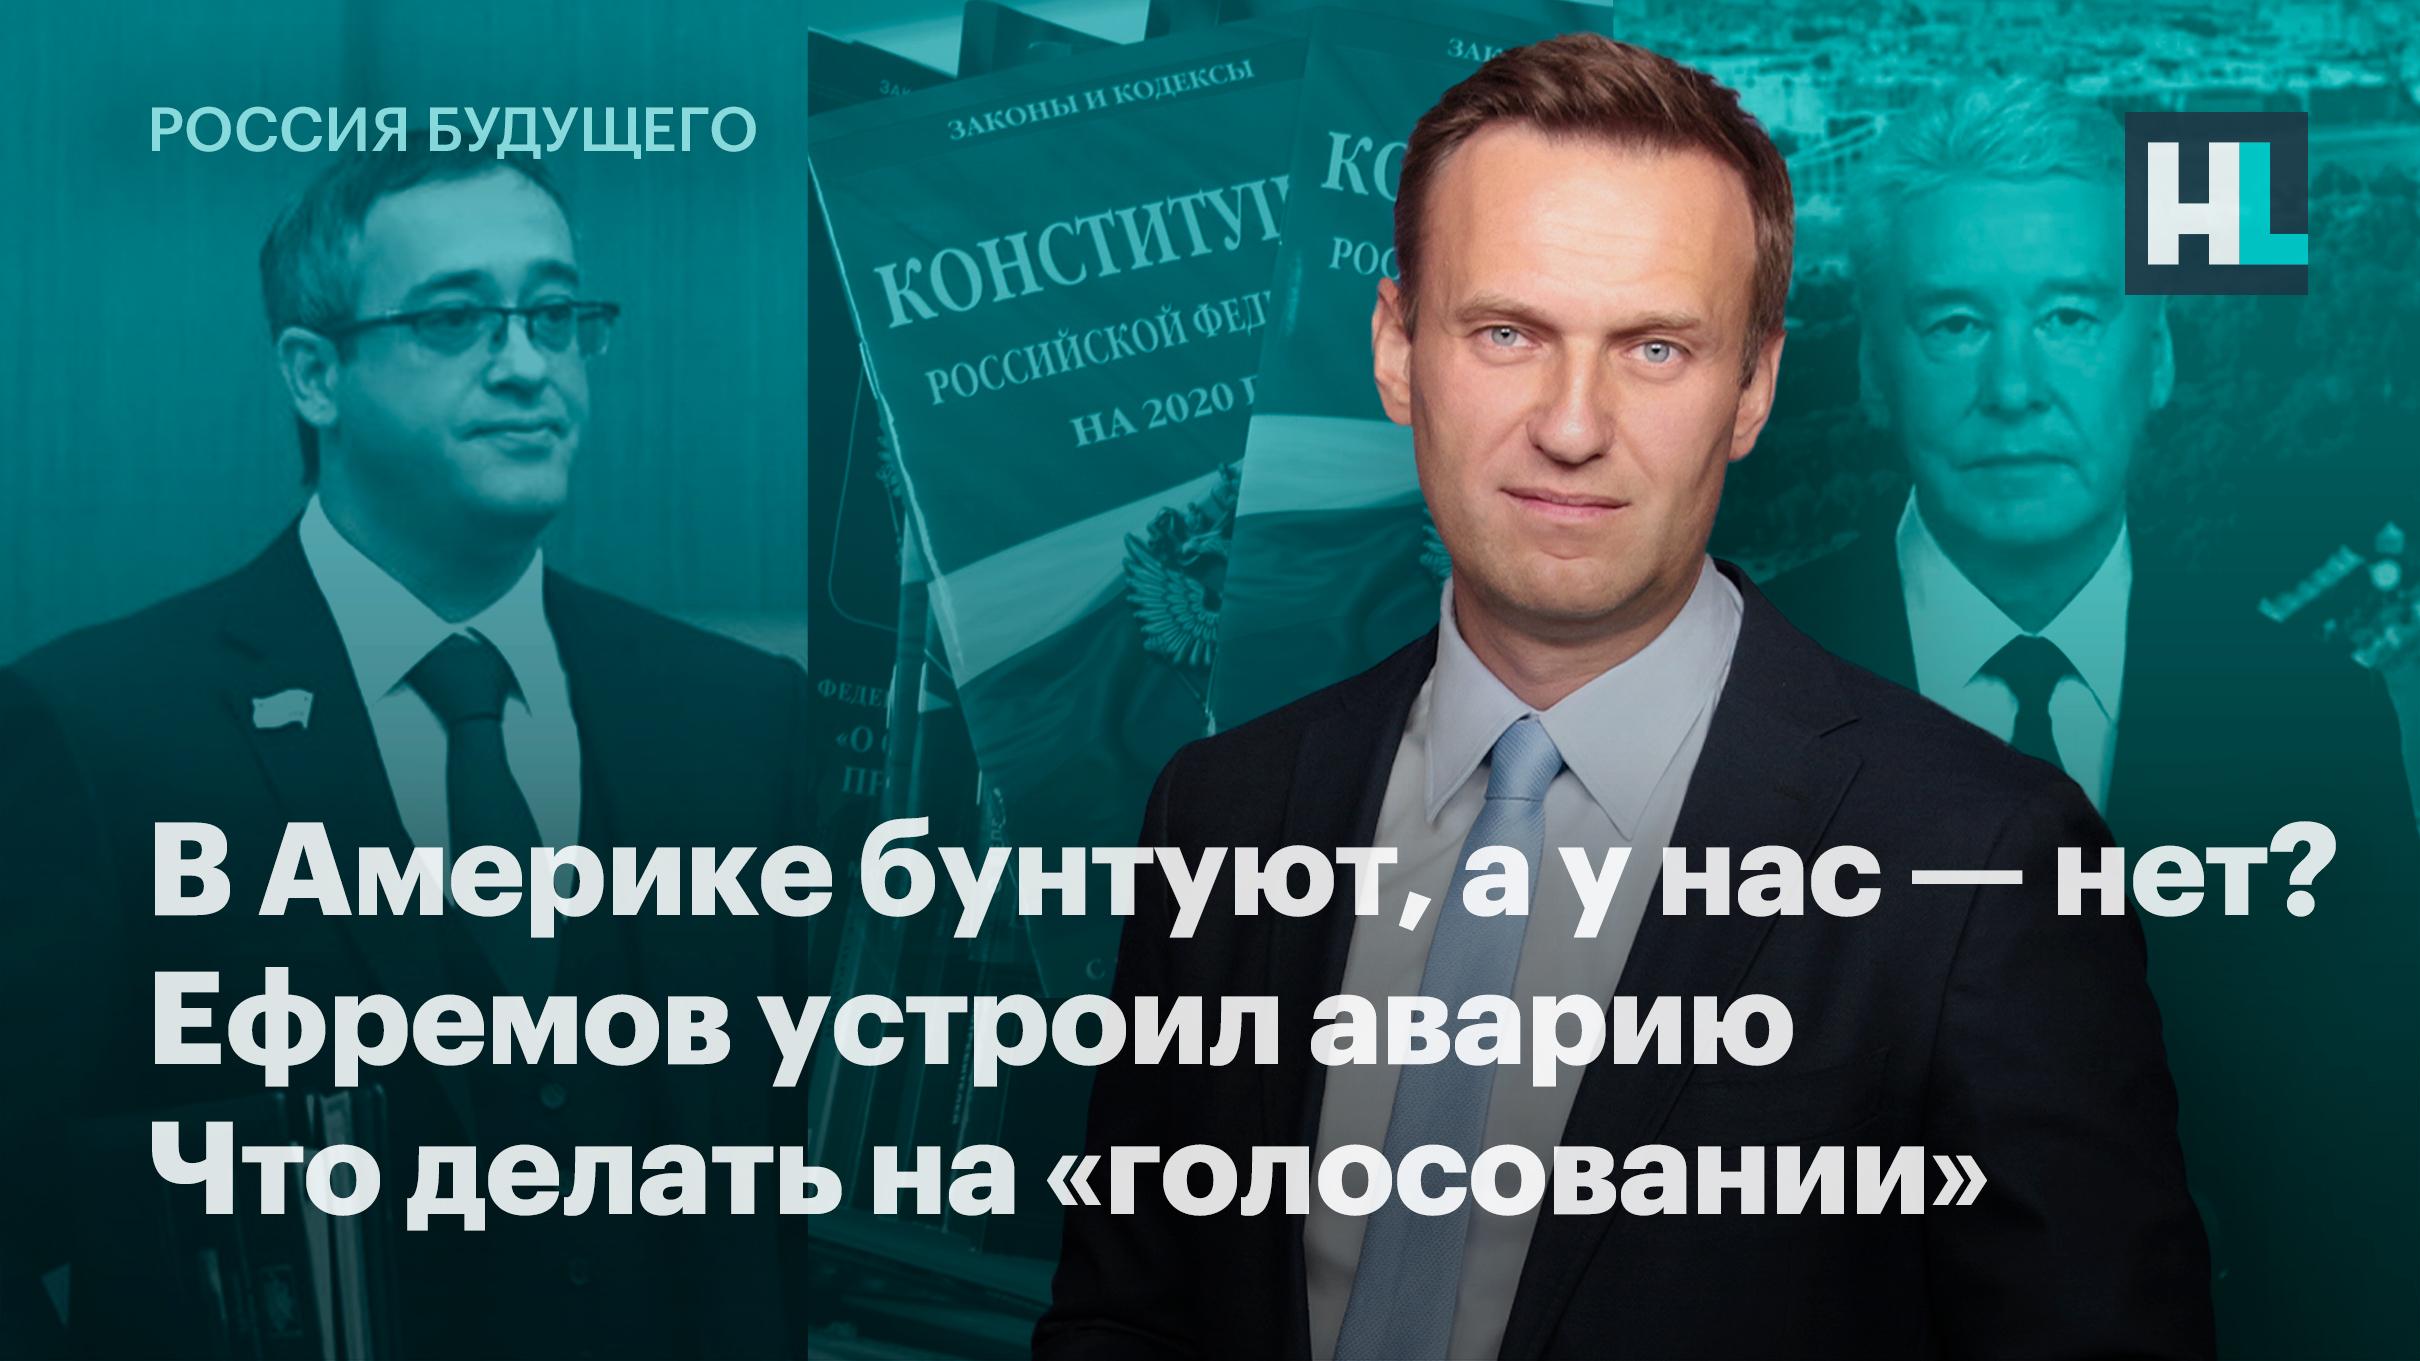 Шапошников, Ефремов, голосование за«обнуление»